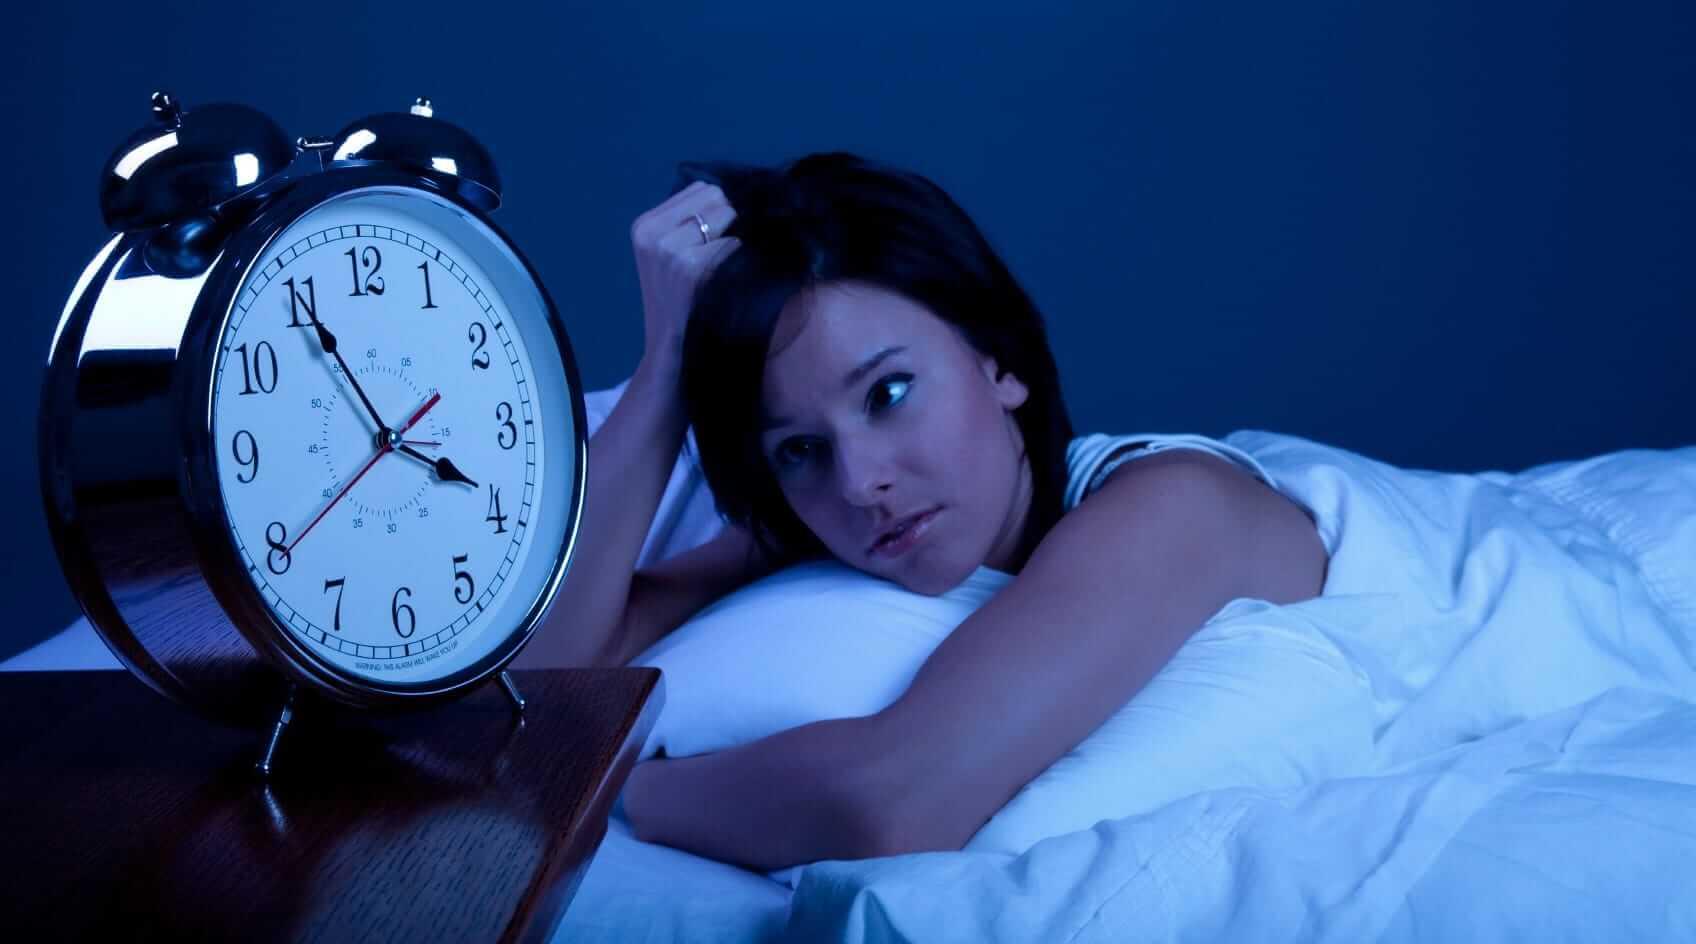 liefdesverdriet zo erg dat je niet kan slapen? lees hier tips!